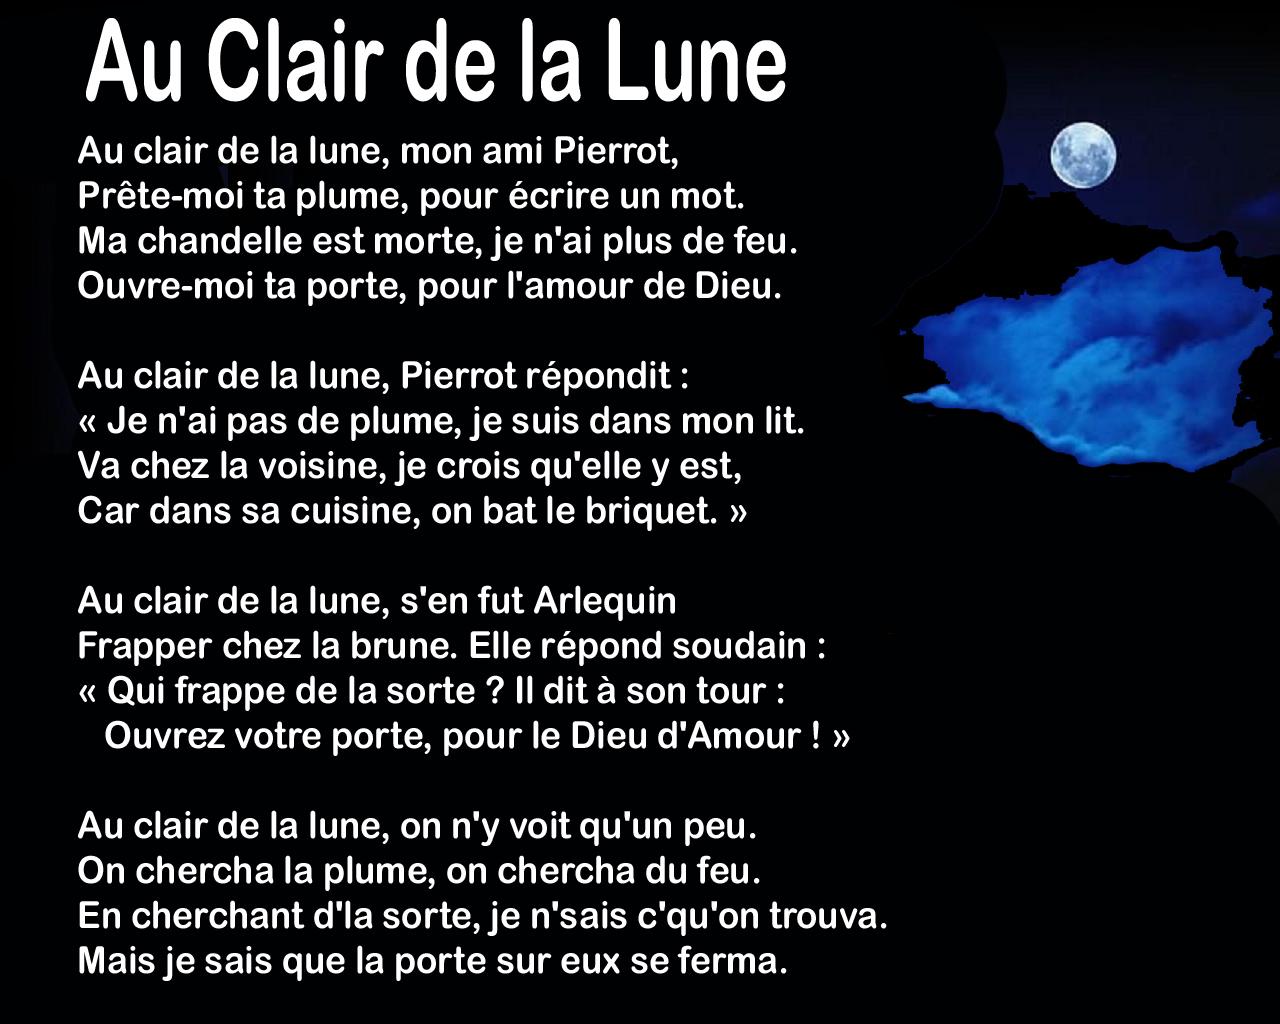 Au Clair De La Lune – Learn French concernant Clair De La Lune Lyrics